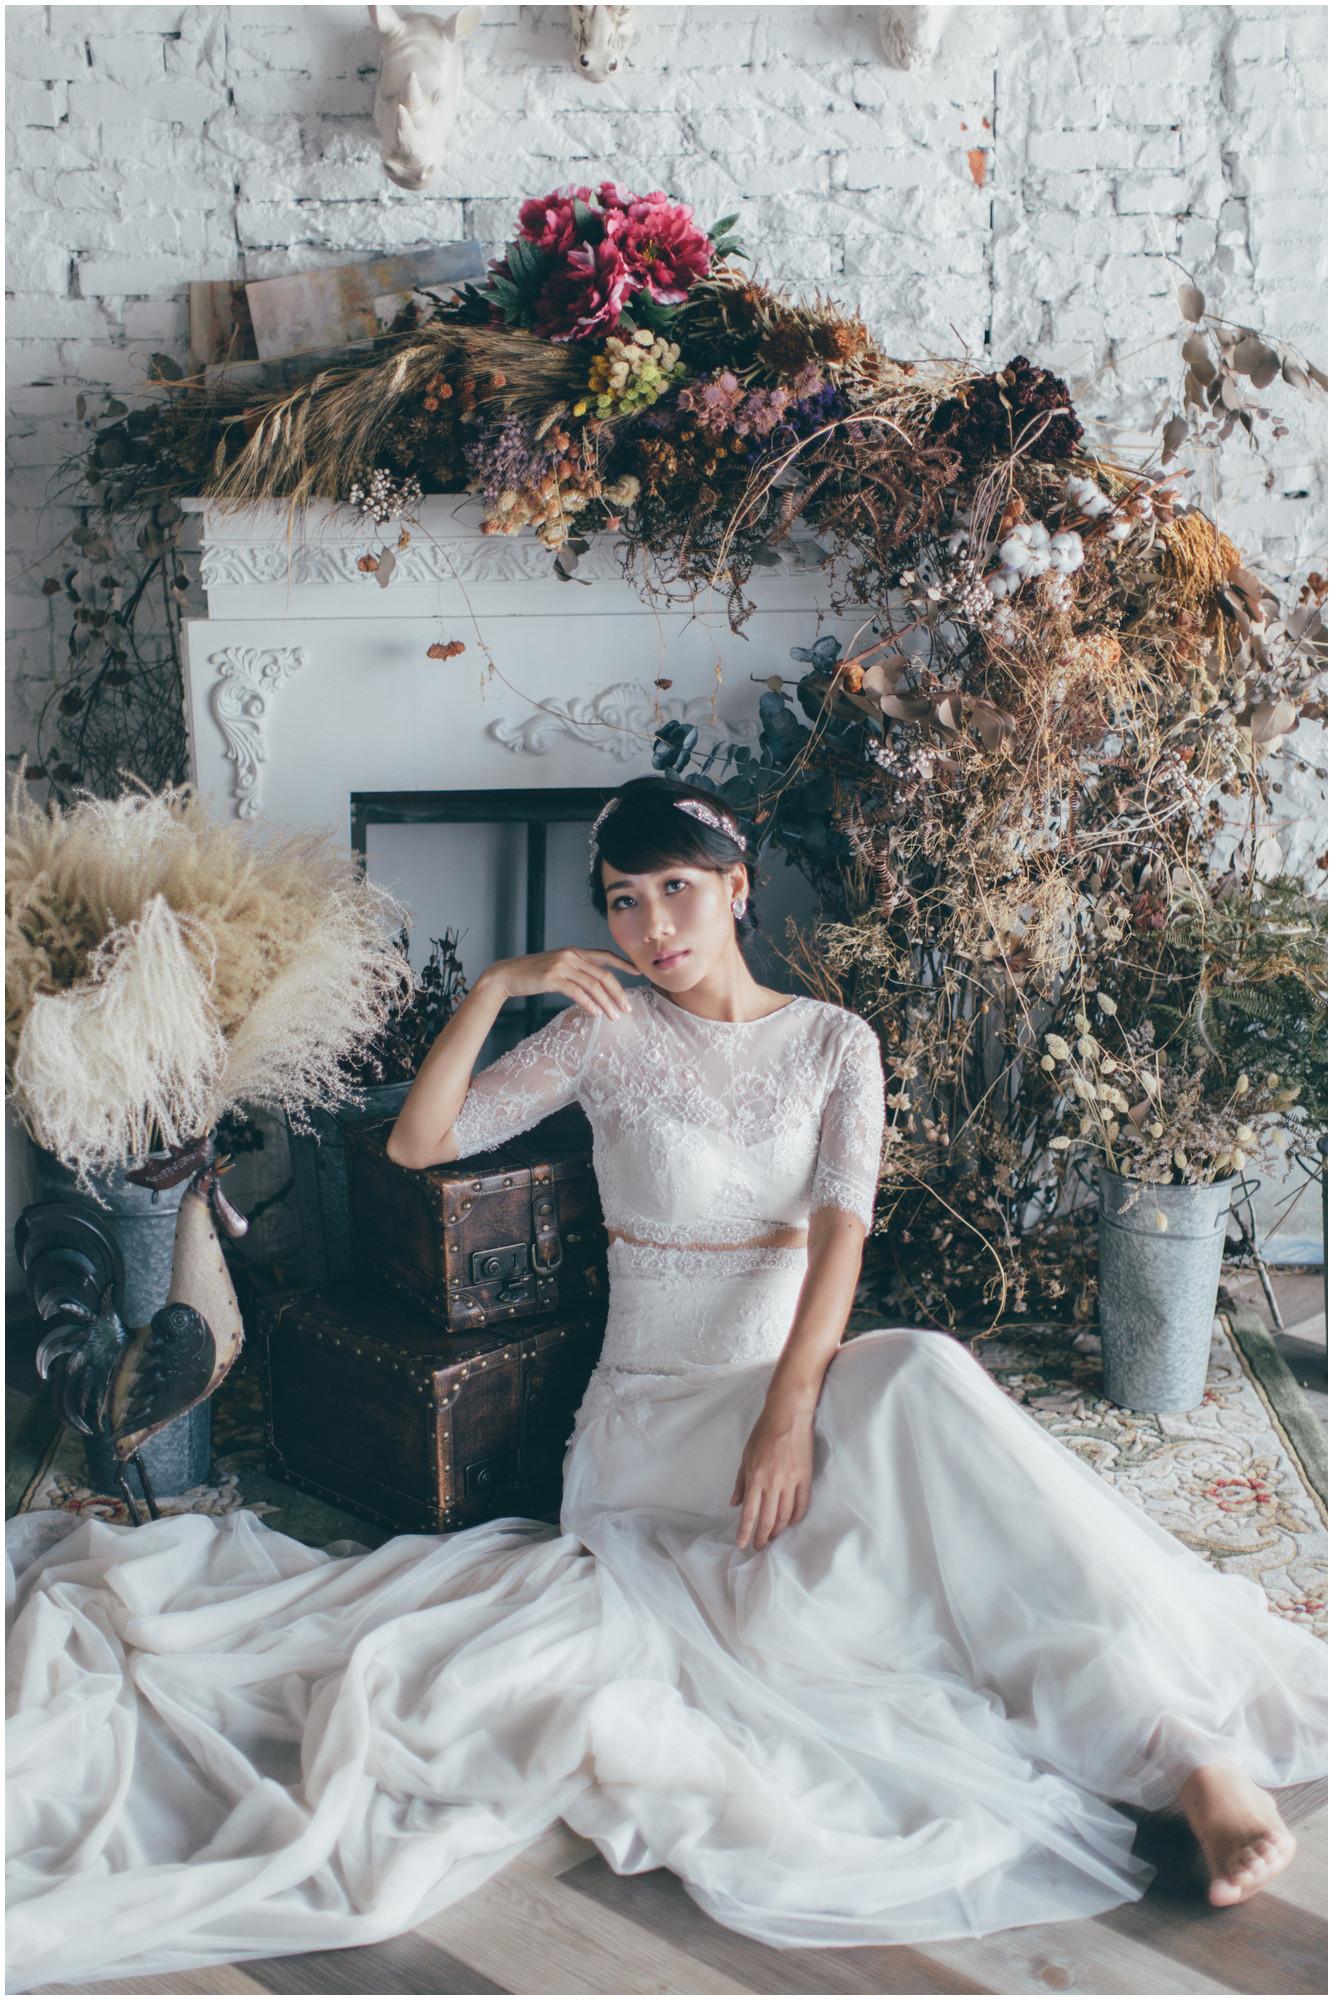 擎天崗 / 黑森林 / 沙崙海邊 / 寵物婚紗 / 自然捲棚拍 / 素人寫真